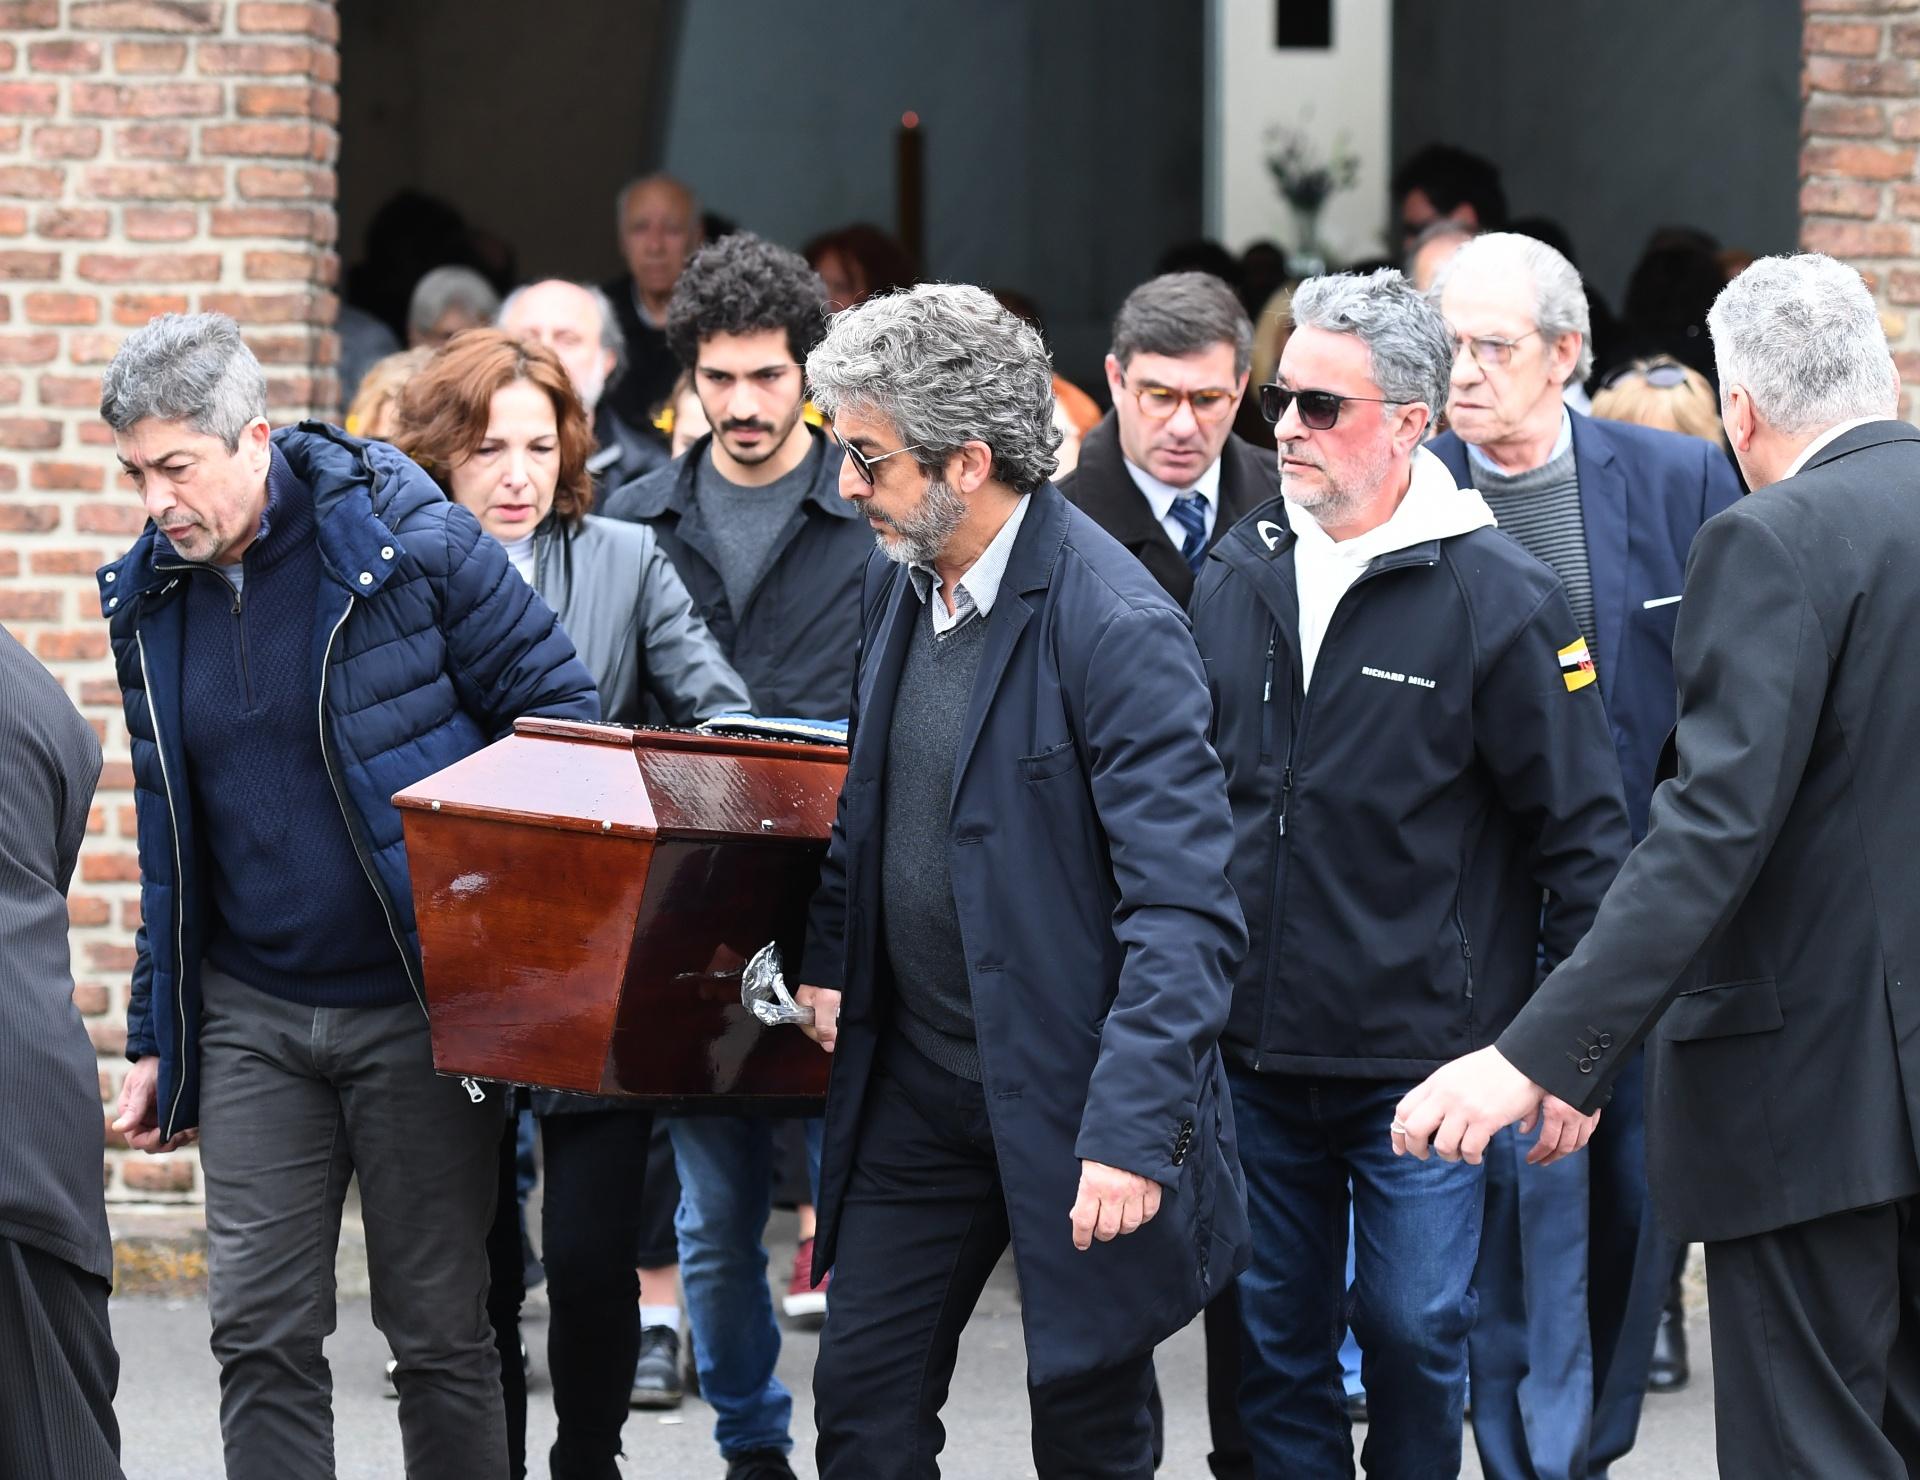 Ricardo y Alejandra Darín despidieron a su madre Reneé Roxana en el cementerio de La Chacarita. La actriz, con una larga trayectoria, murió a los 87 años (Maximiliano Luna)